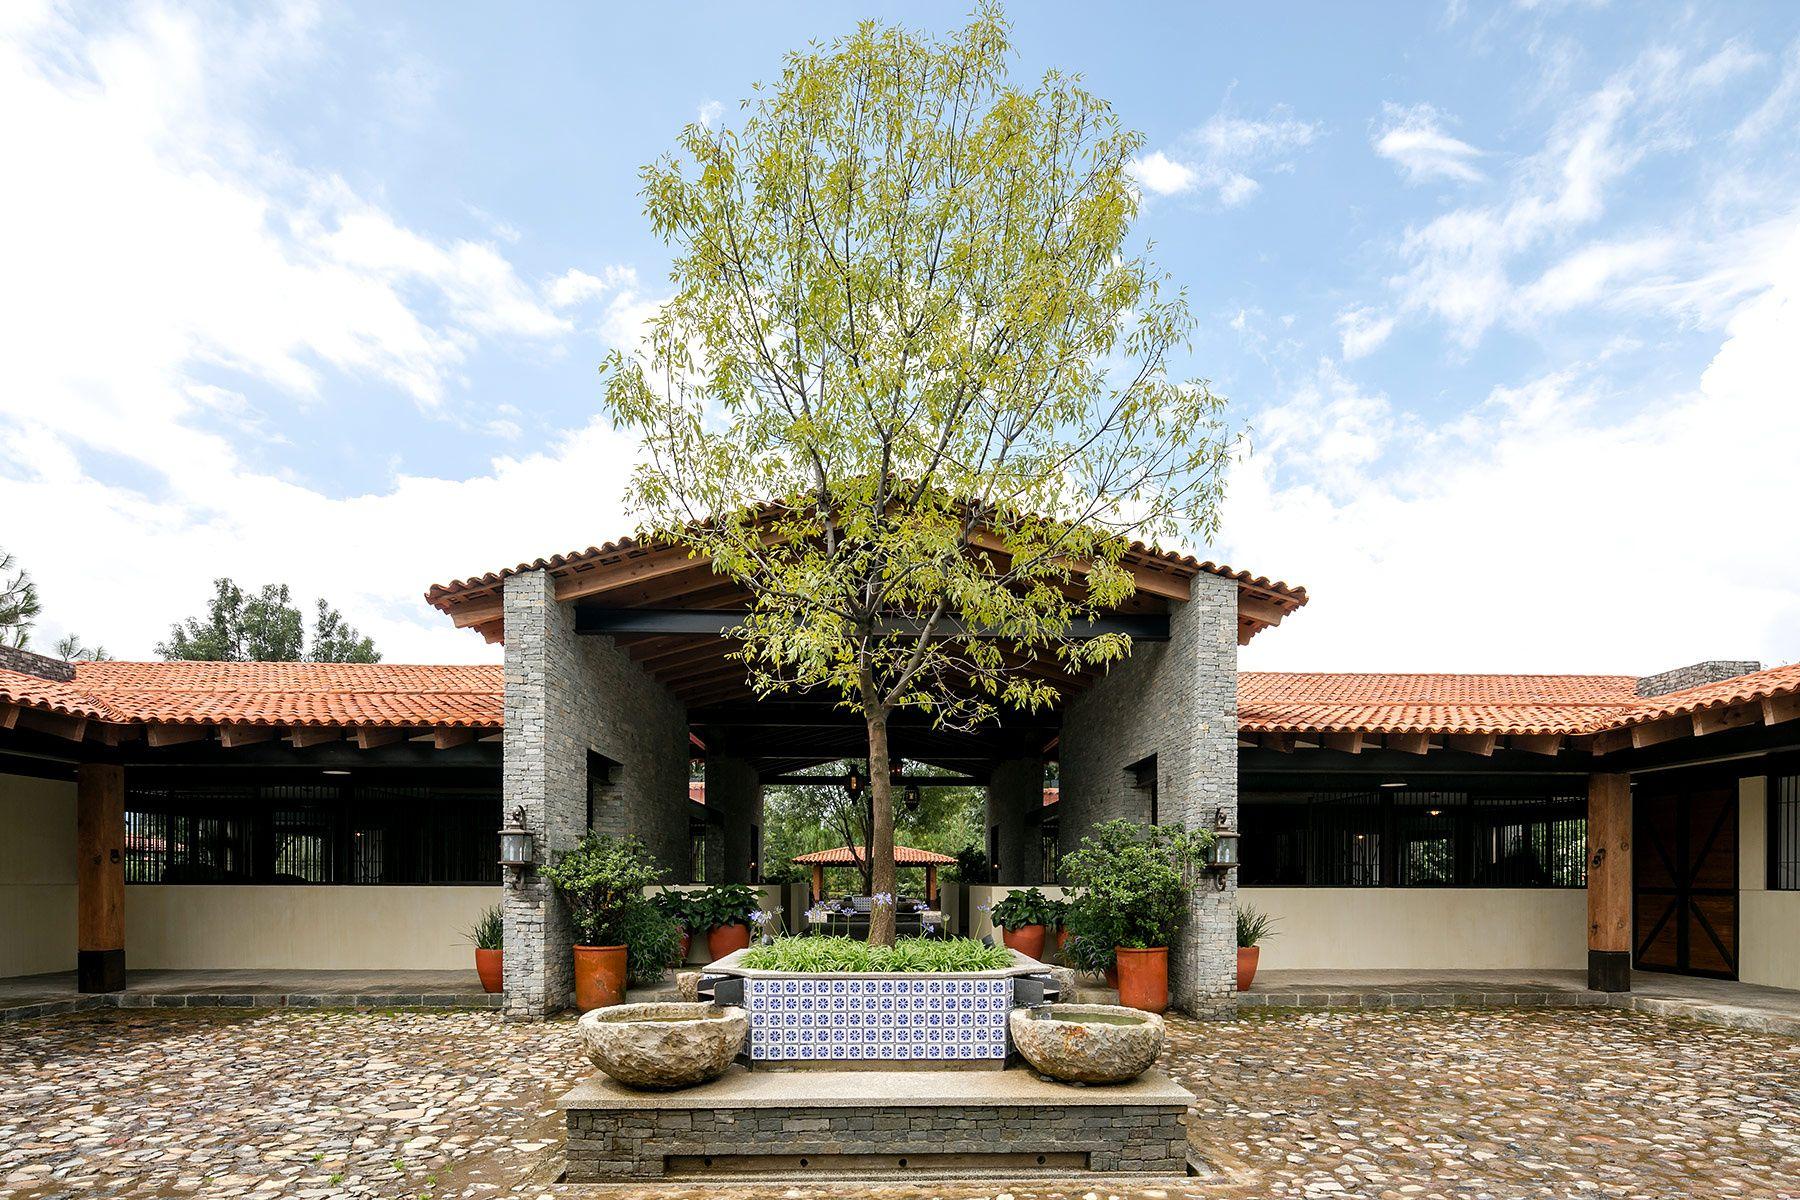 Residencia Equina En Jalisco Establos De Caballos Casas